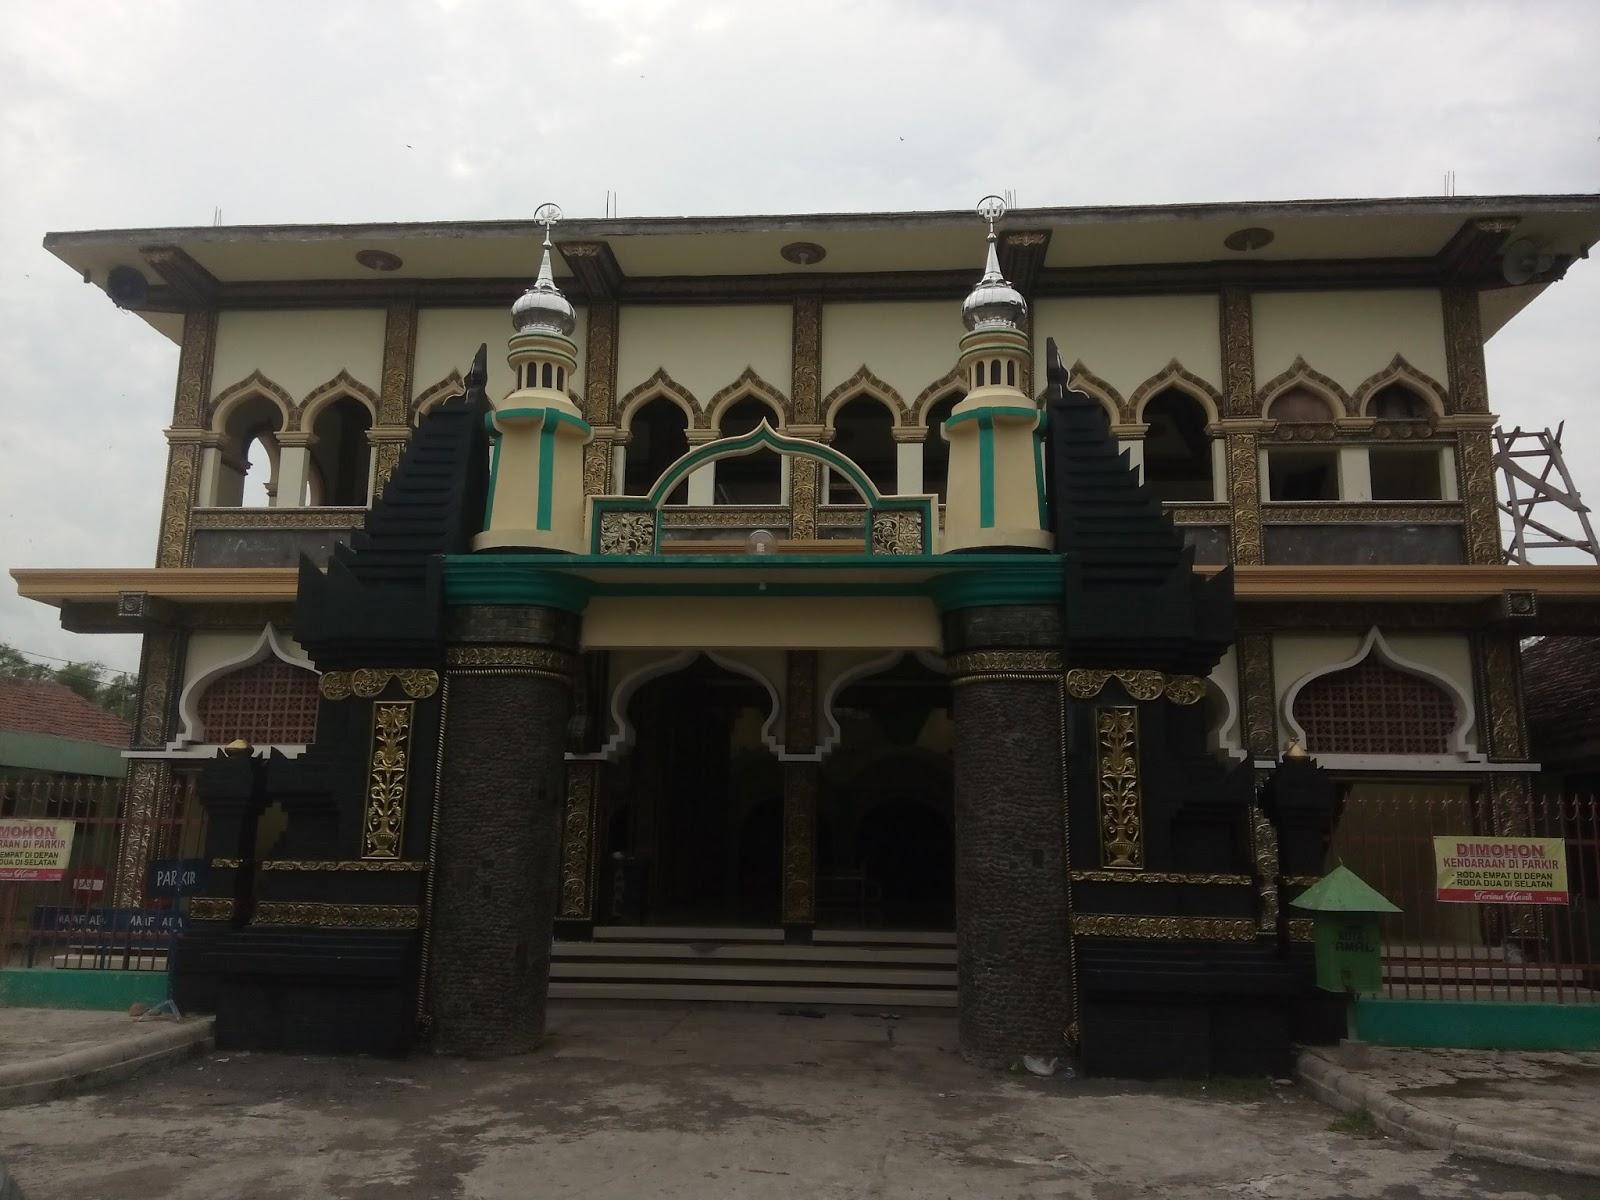 Mawar Sekuntum 16 01 31 02 07 Blusukan Masjid Kuno